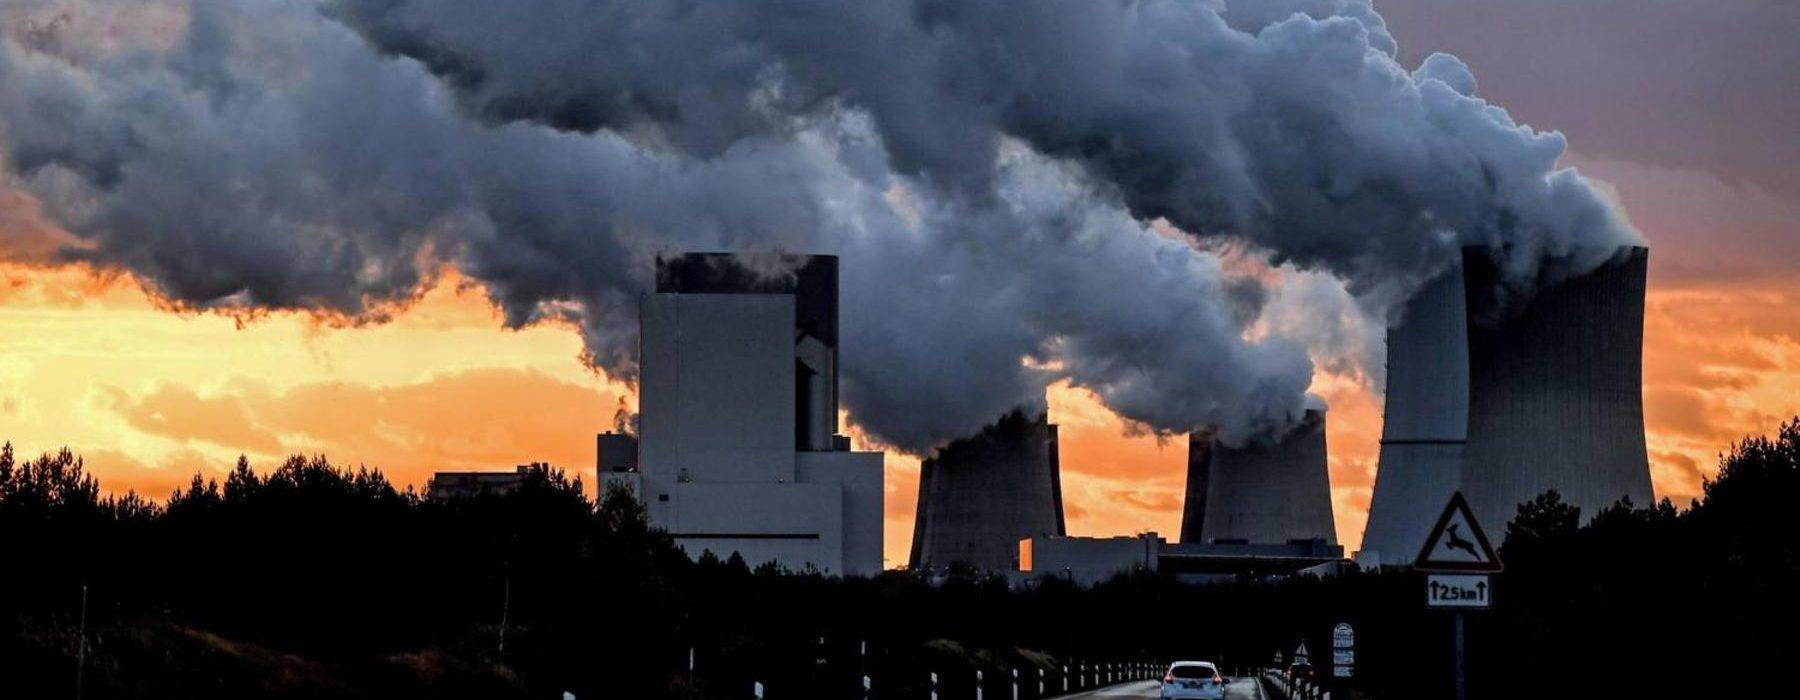 Ya tenemos el récord de mayor concentración de dióxido de carbono en la atmósfera